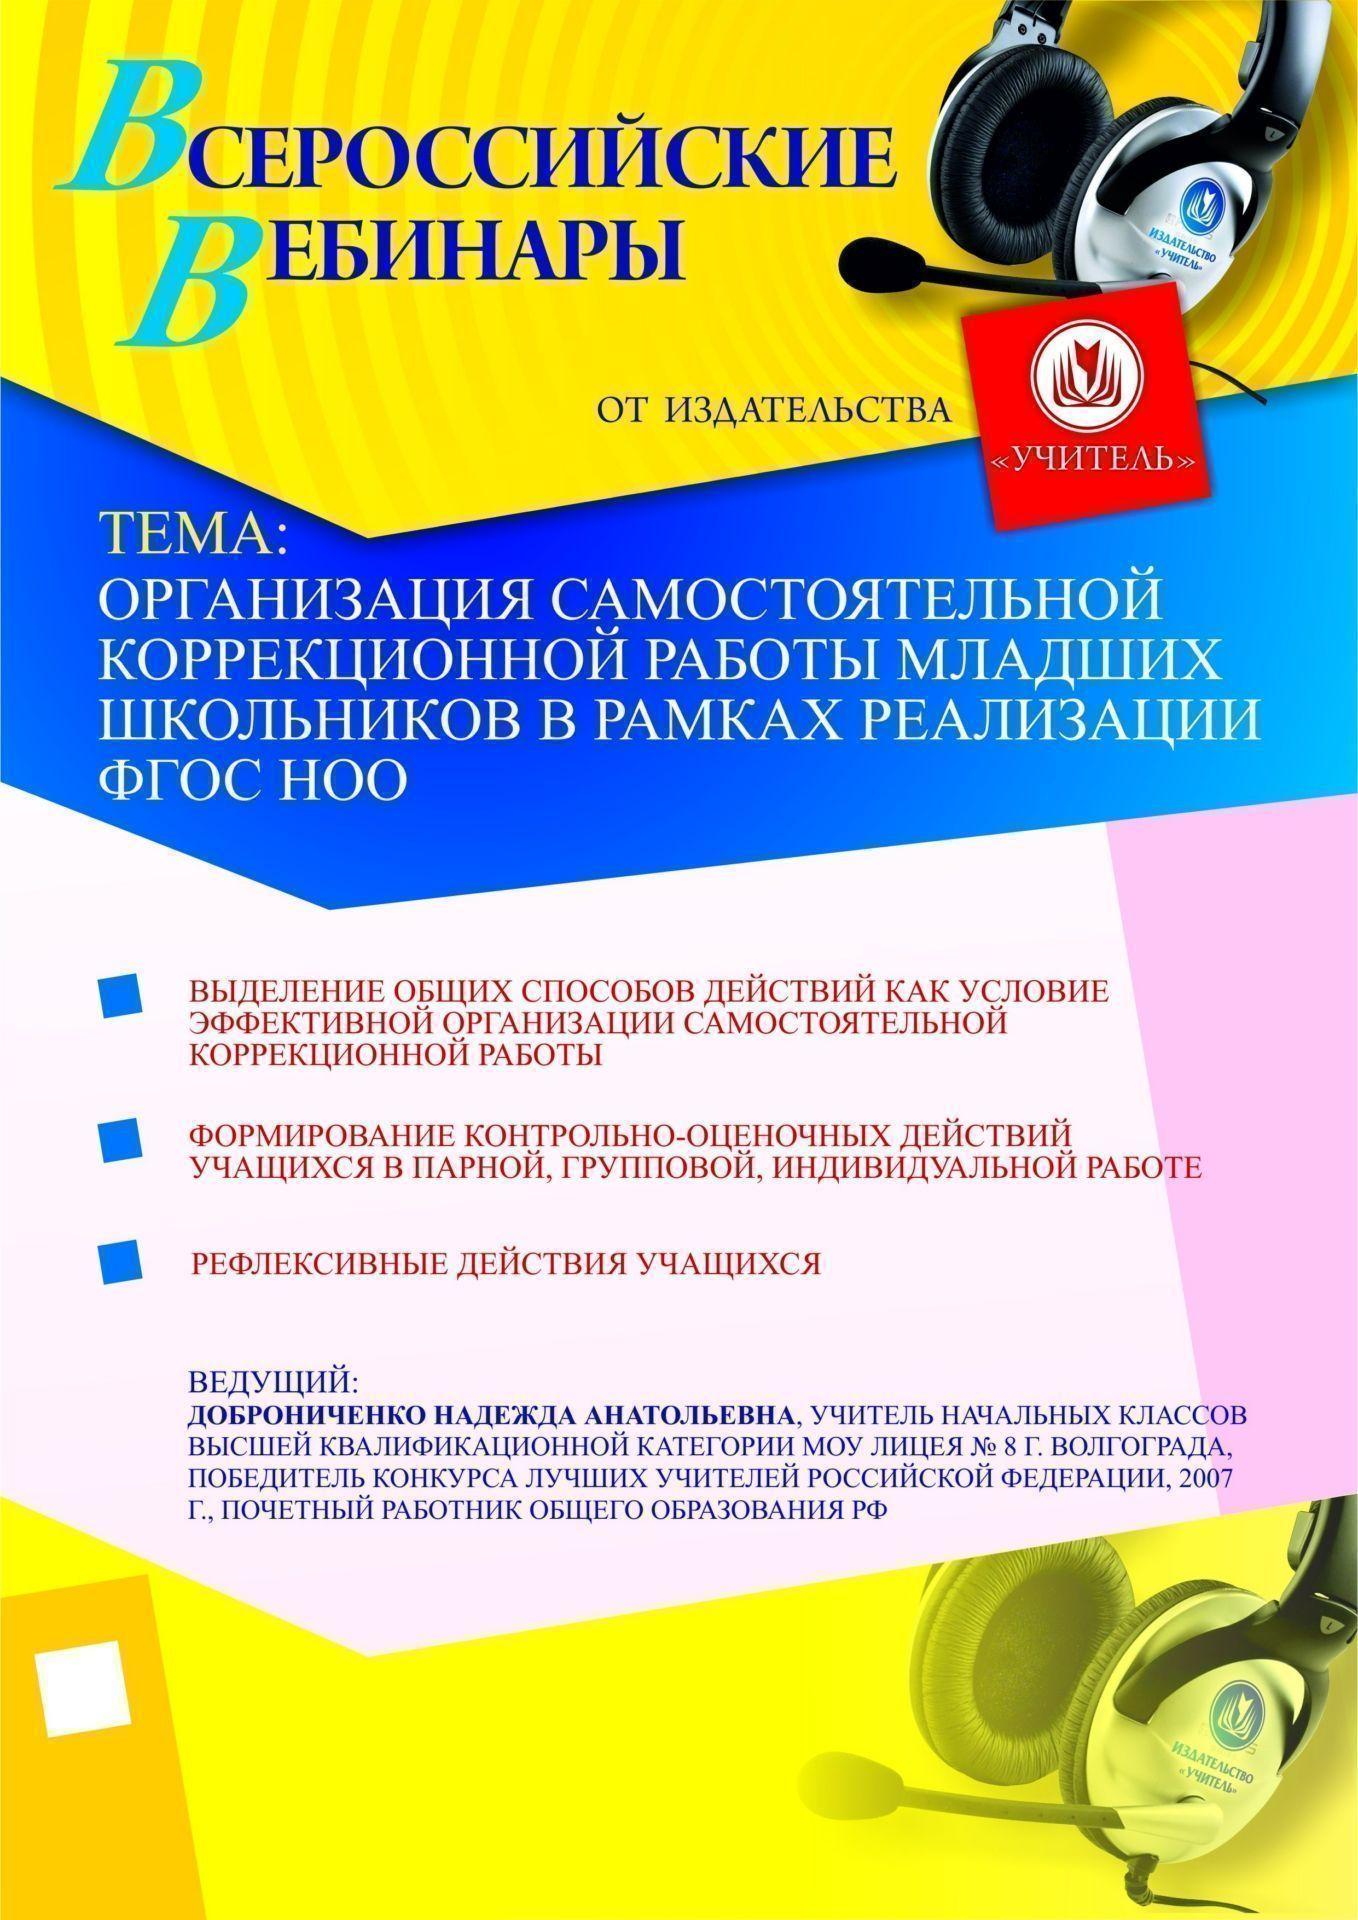 Организация самостоятельной коррекционной работы младших школьников в рамках реализации ФГОС НОО фото